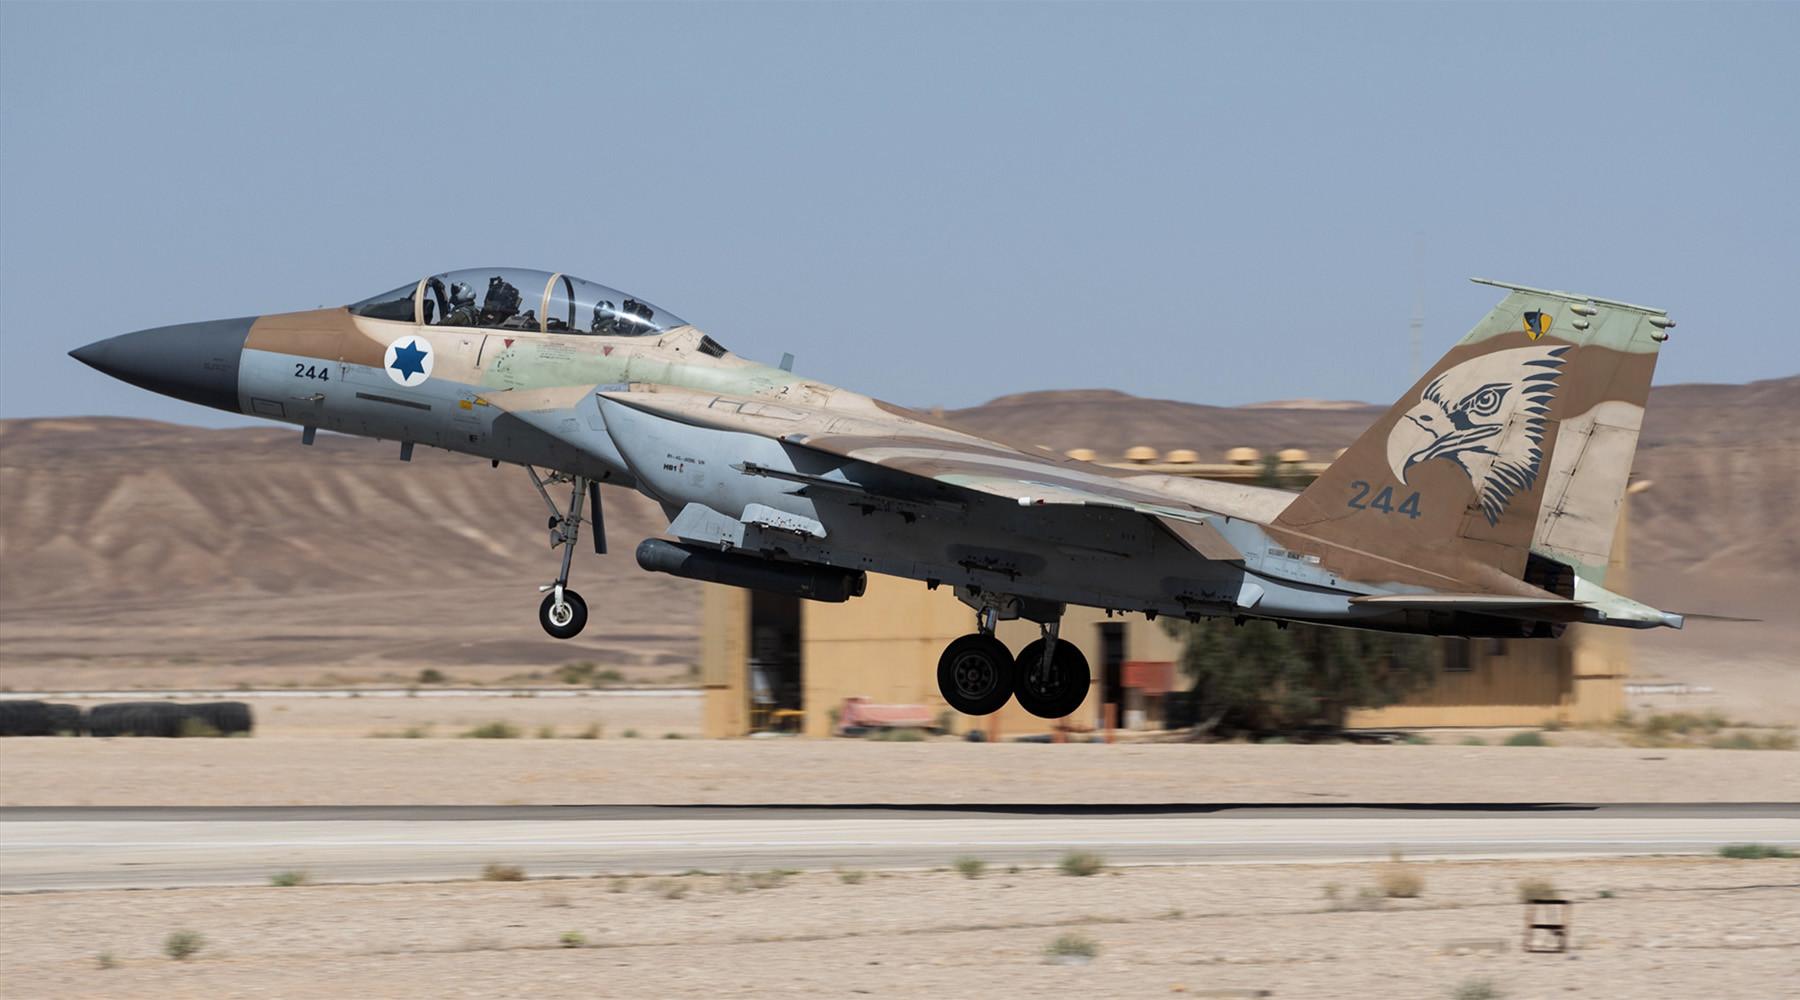 ВВС Израиля нанесла удар по сирийским войскам на Голанских высотах